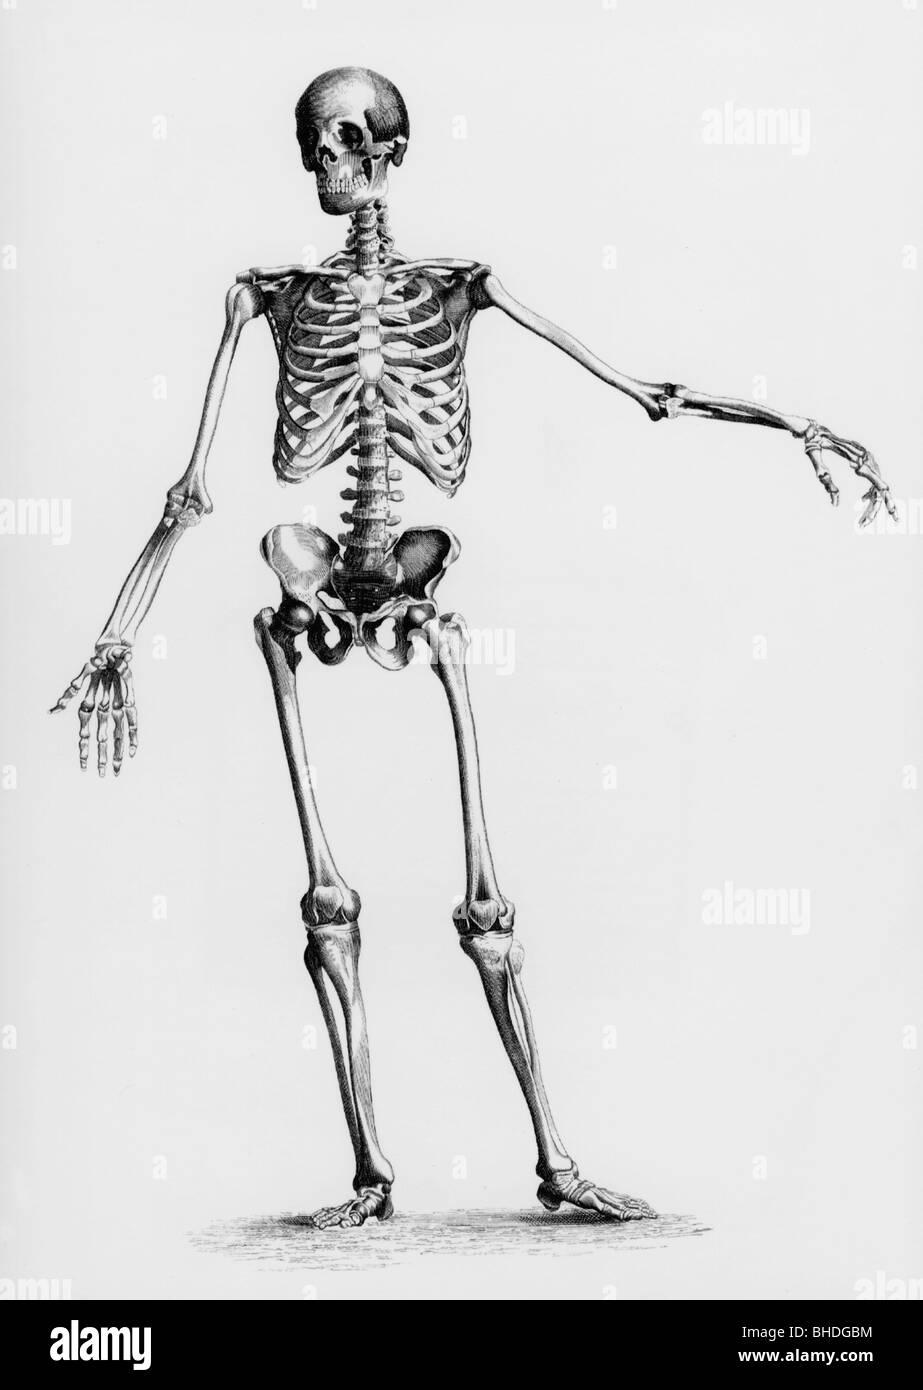 Medizin, Anatomie, menschliches Skelett, Stahlstich, 19. Jahrhundert ...